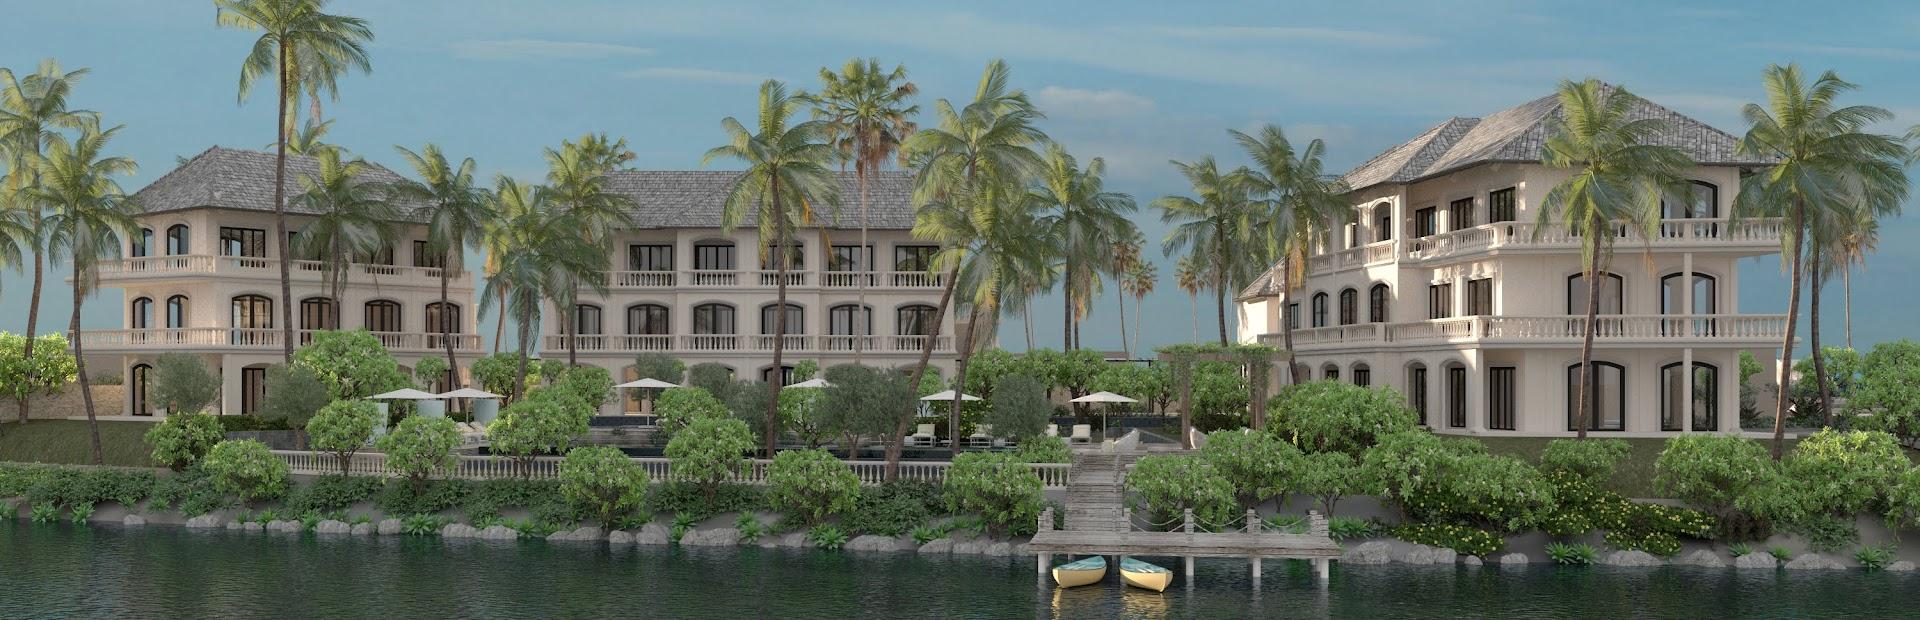 Hoi An Hotel Resort